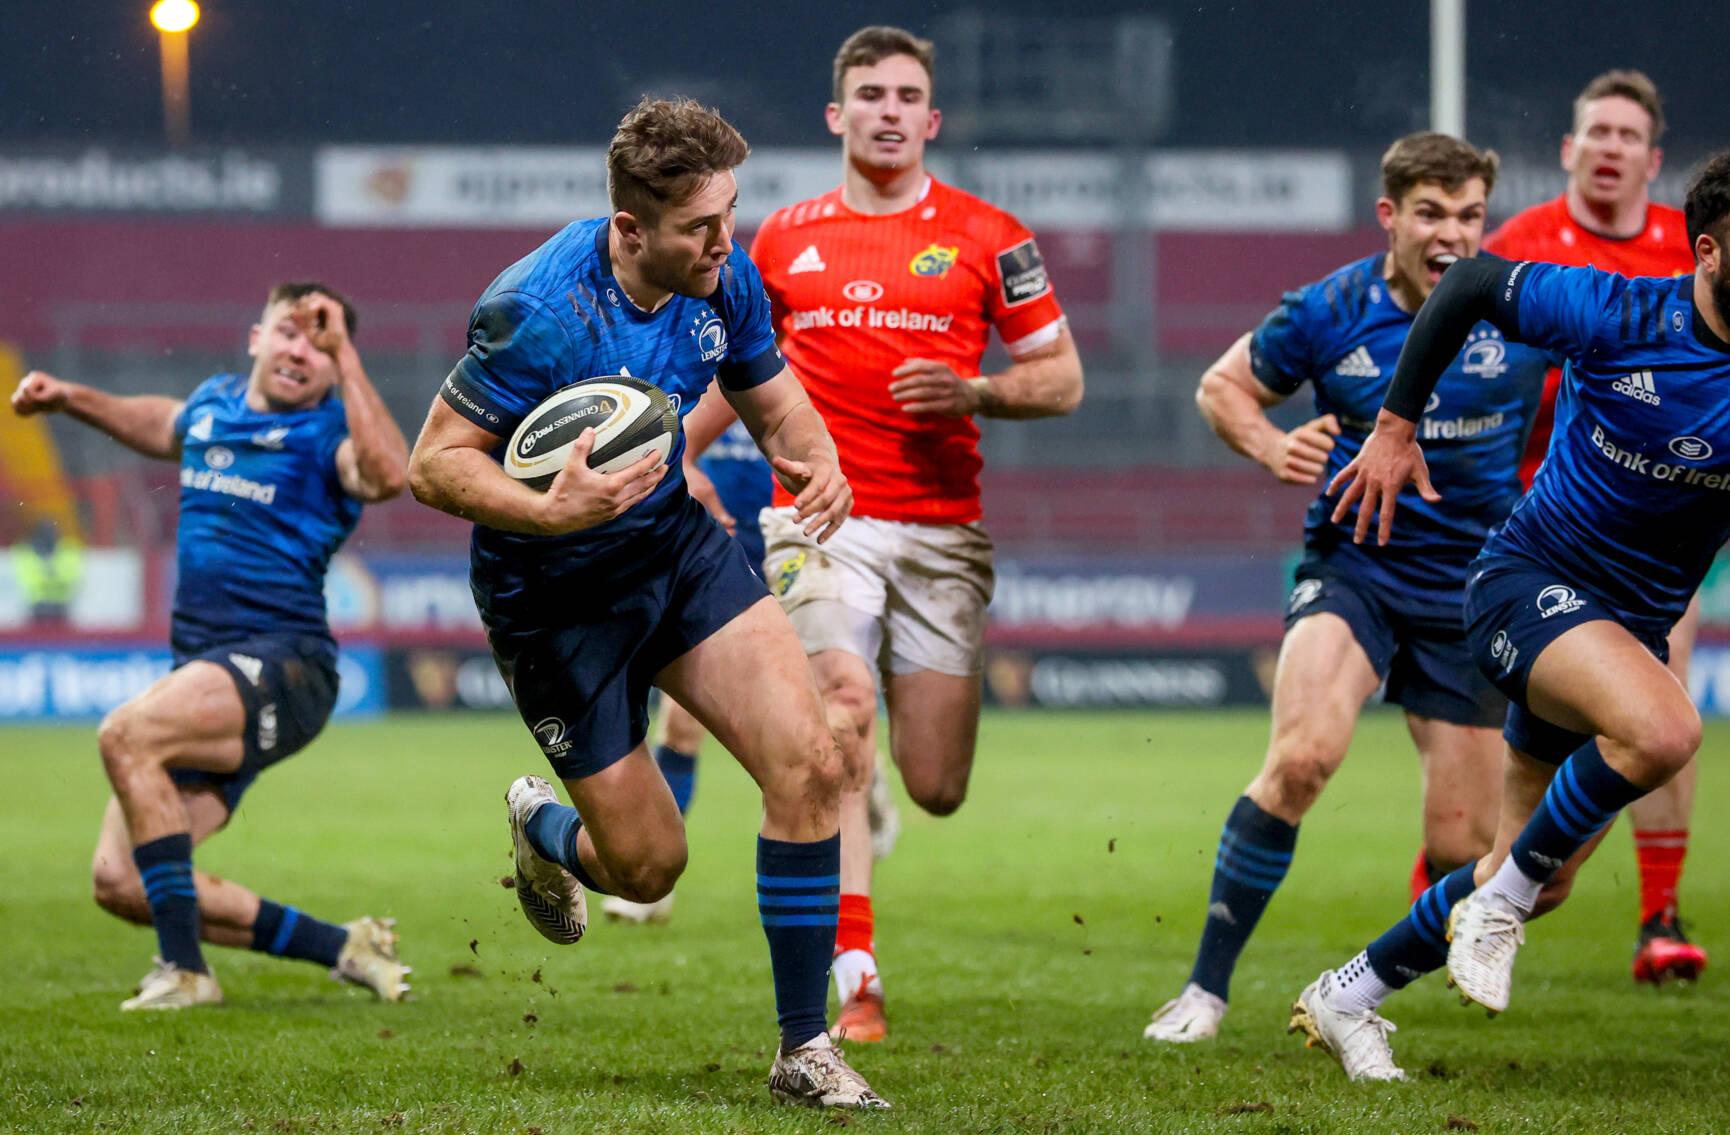 Munster Let Lead Slip As Larmour Strikes Decisive Blow